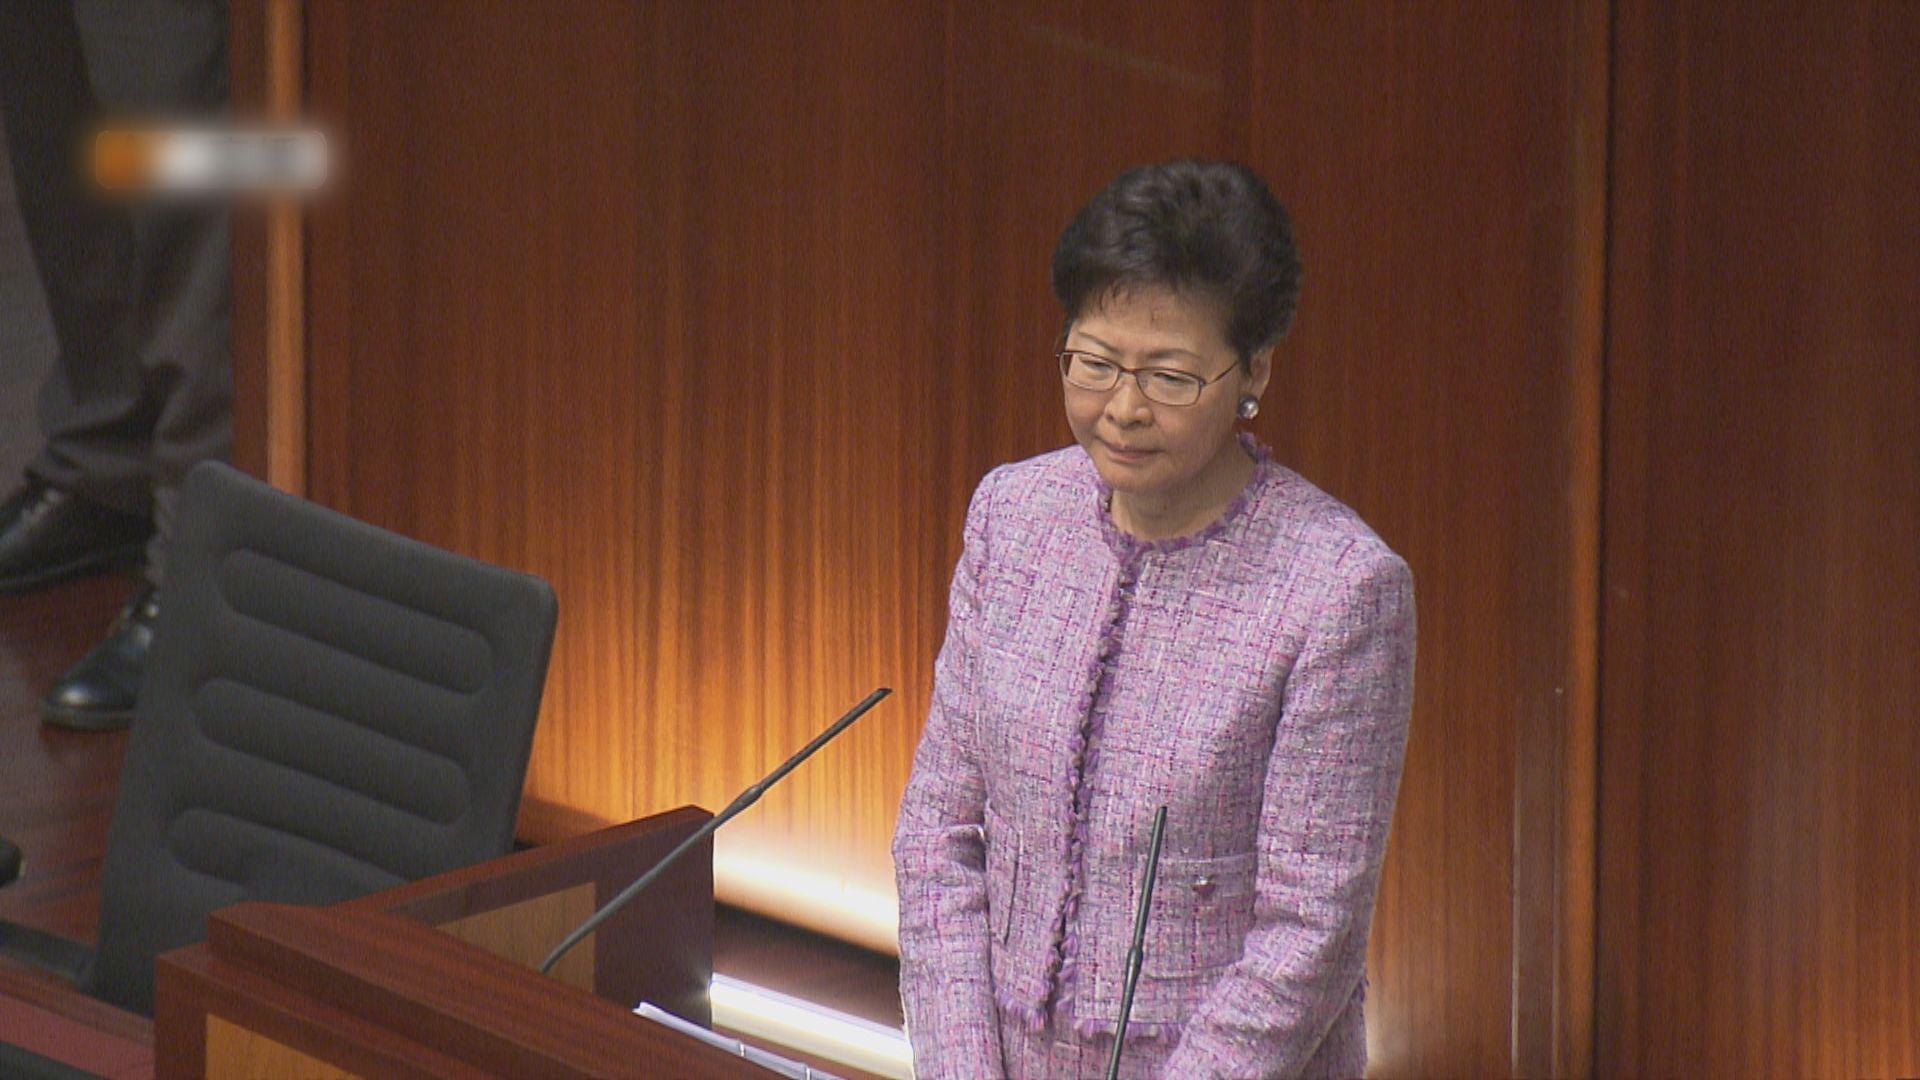 林鄭:逃犯條例97年通過時非怕內地法制 論述屬「廢話」